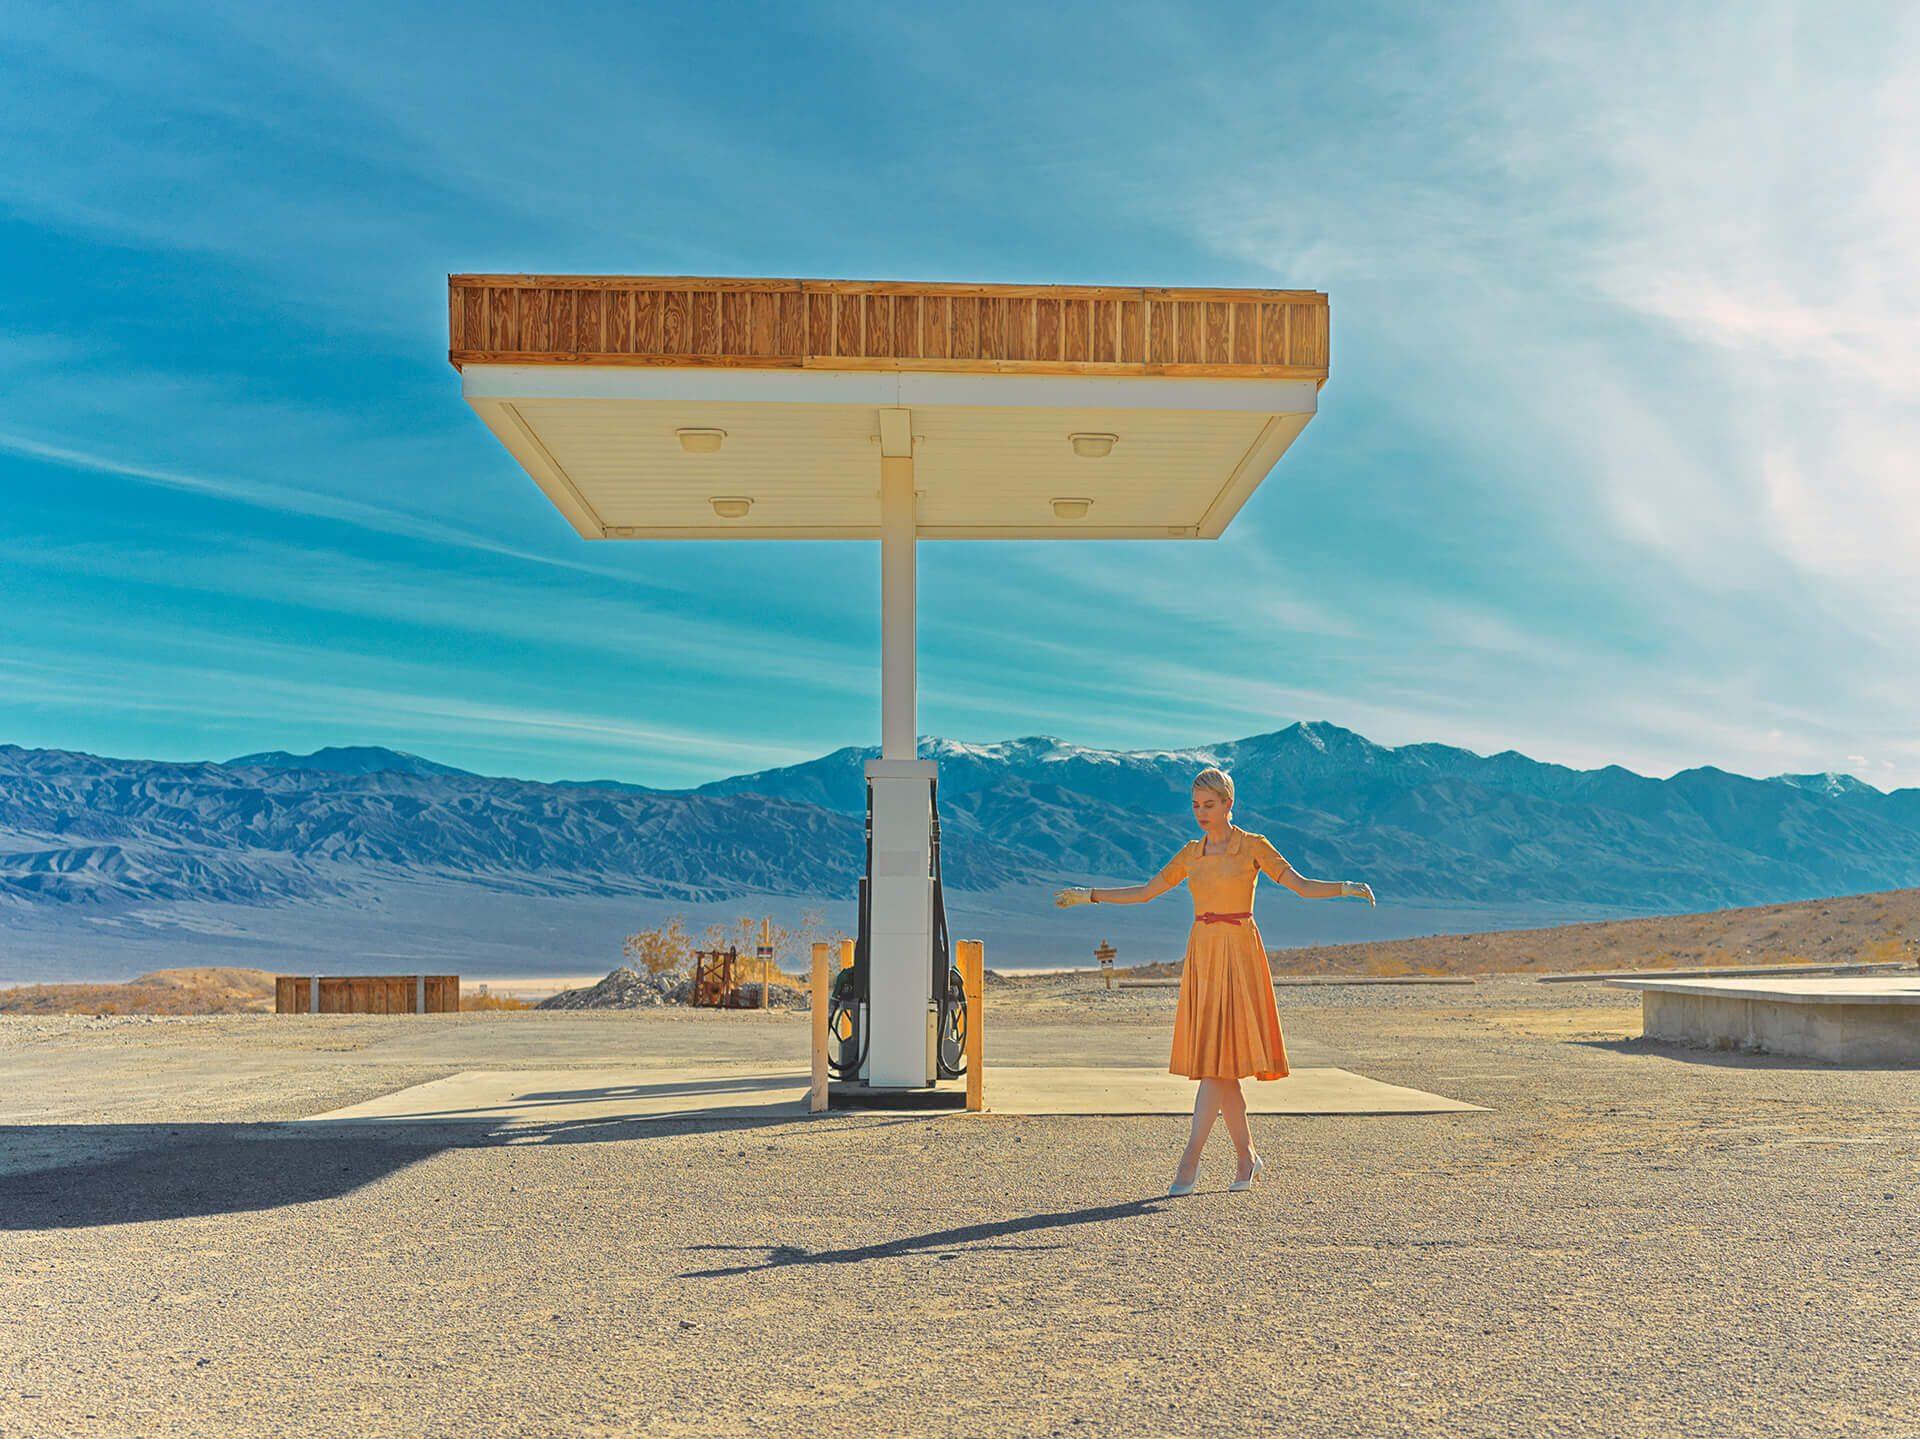 Jente i gul kjole på bensinstasjon